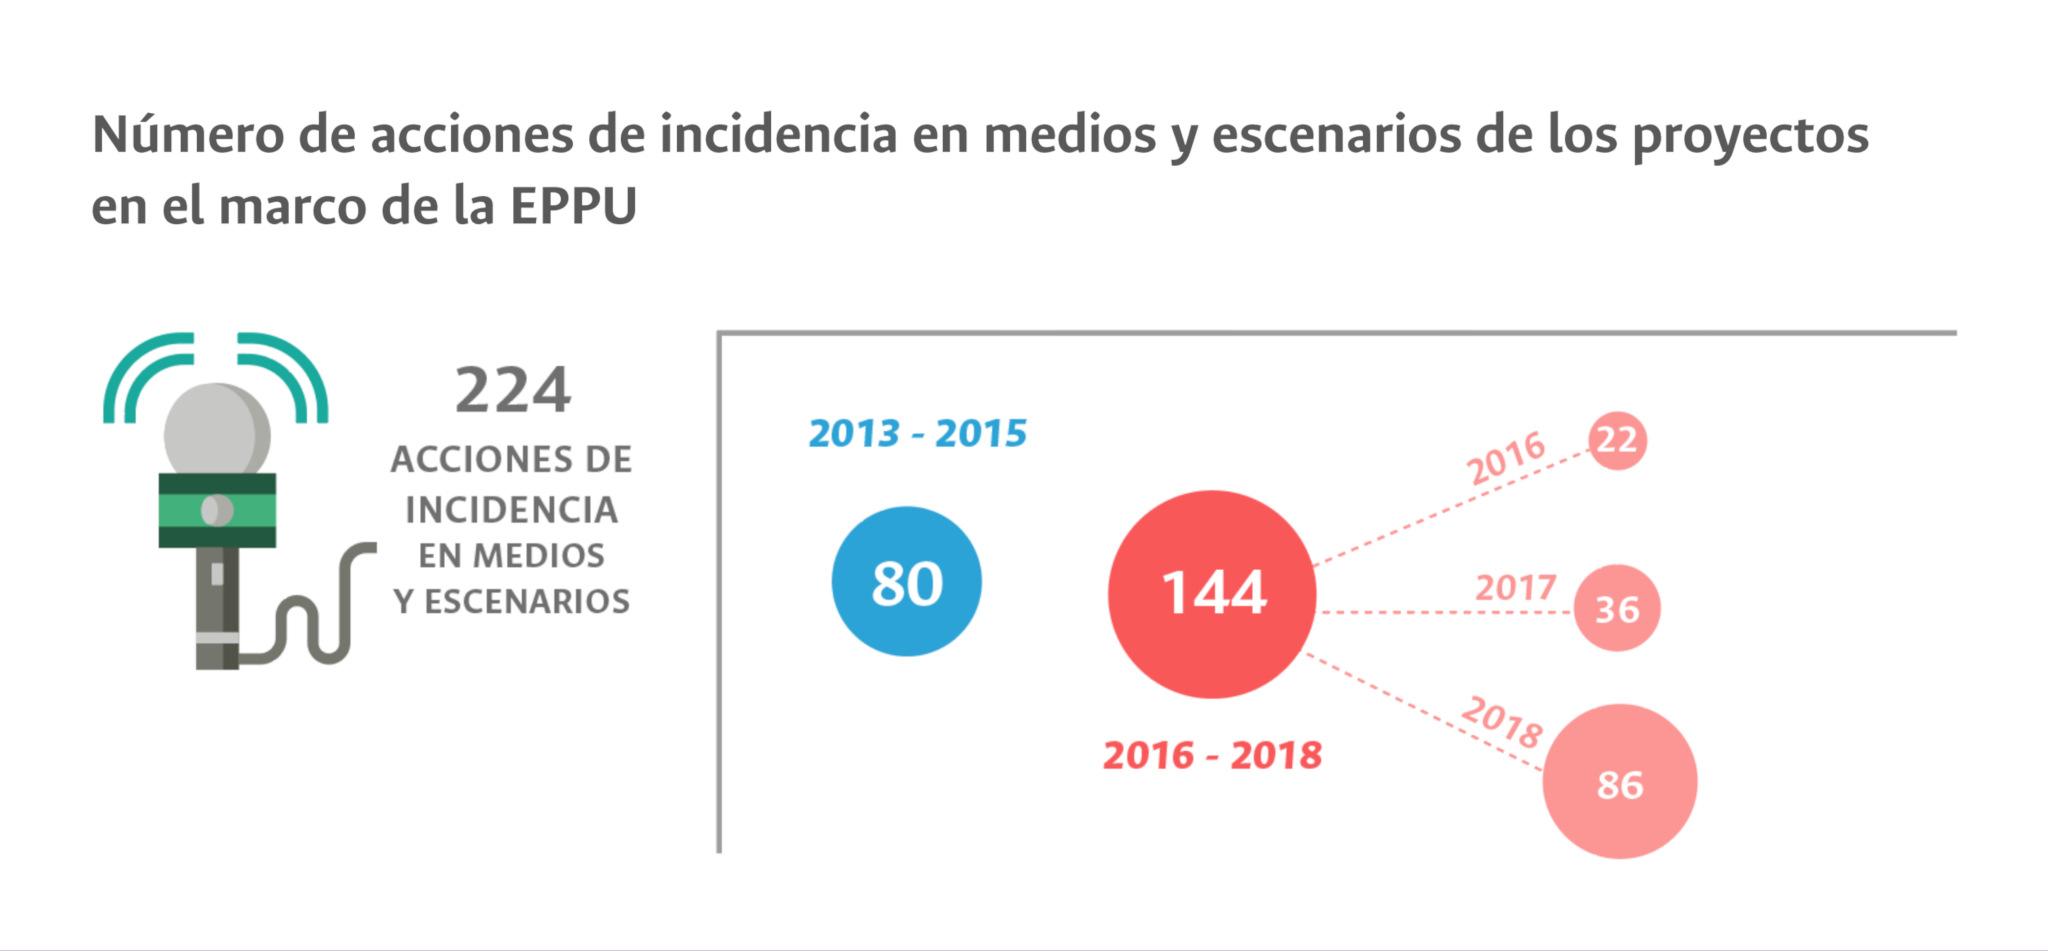 Número de acciones de incidencia en medios y escenarios de los proyectos en el marco de la EPPU